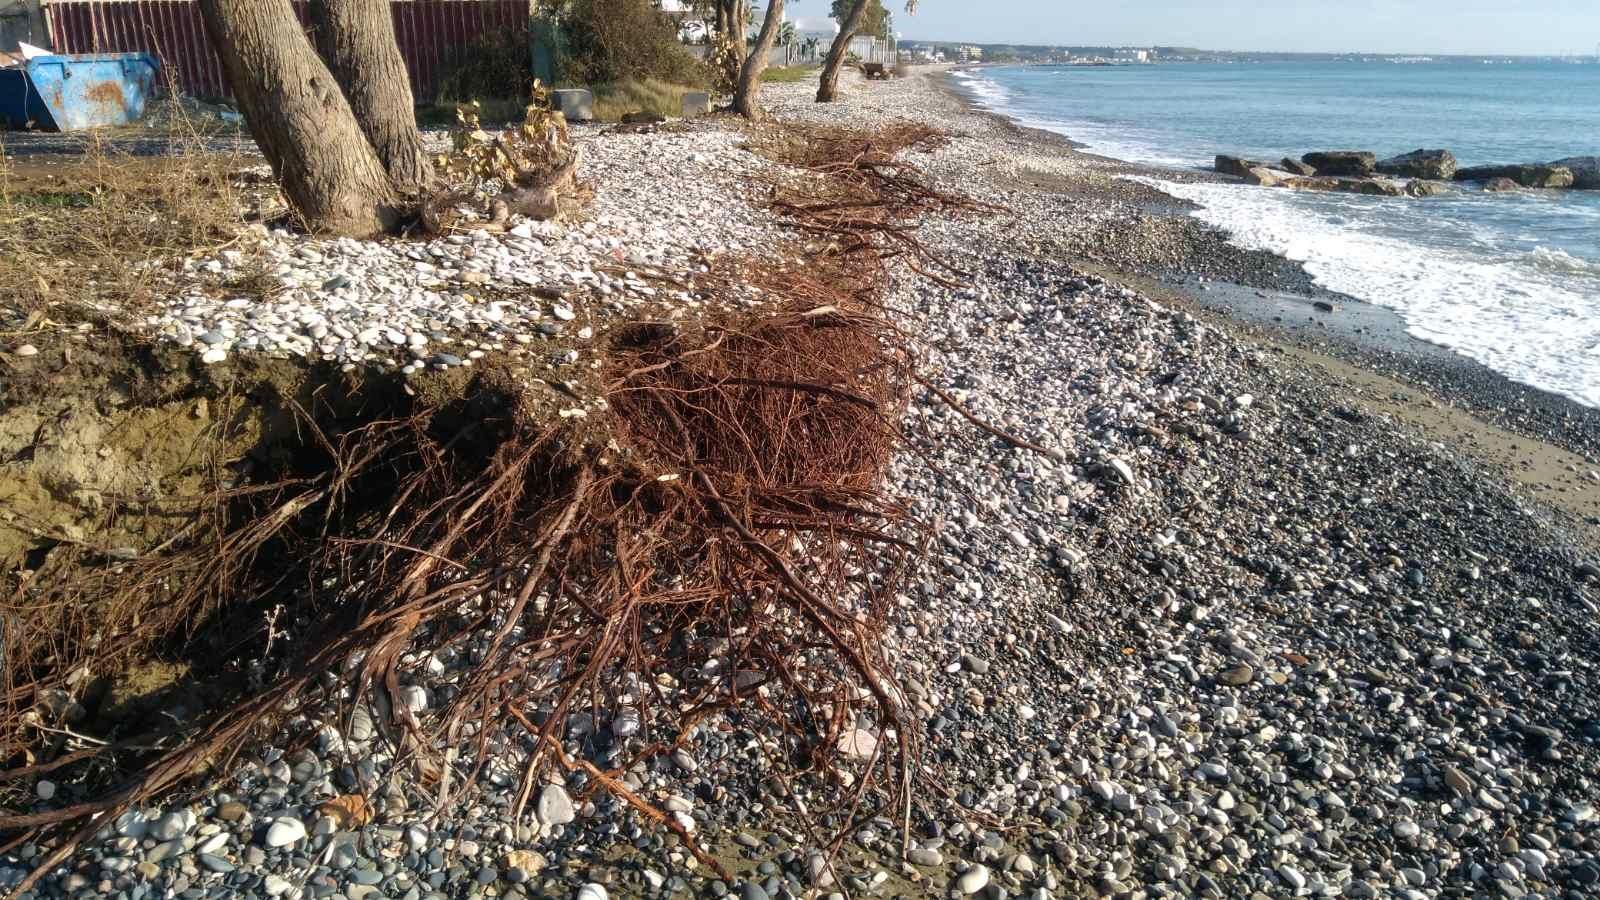 Τρομερό το πρόβλημα διάβρωσης στις παραλίες Ορόκλινης και Περβολιών